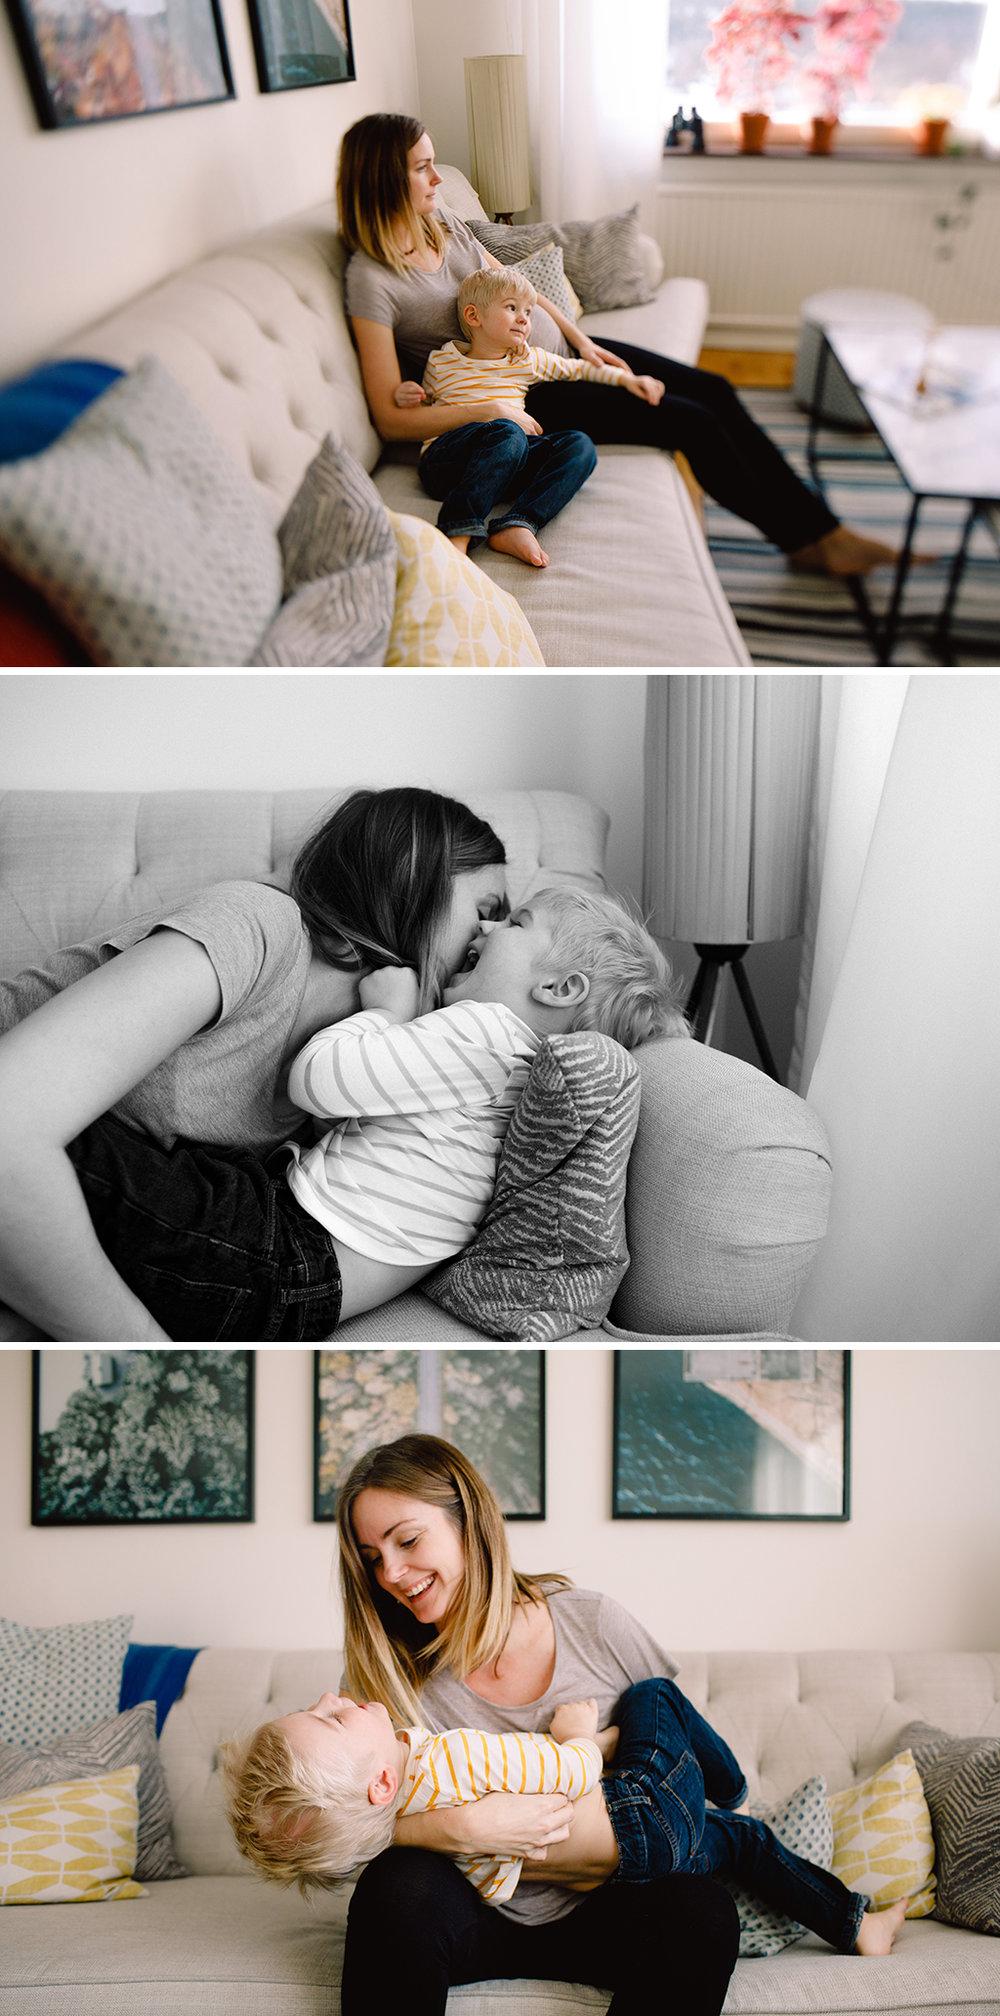 Lifestyle_gravidfotografering_familjefotografering_Stockholm_12.jpg